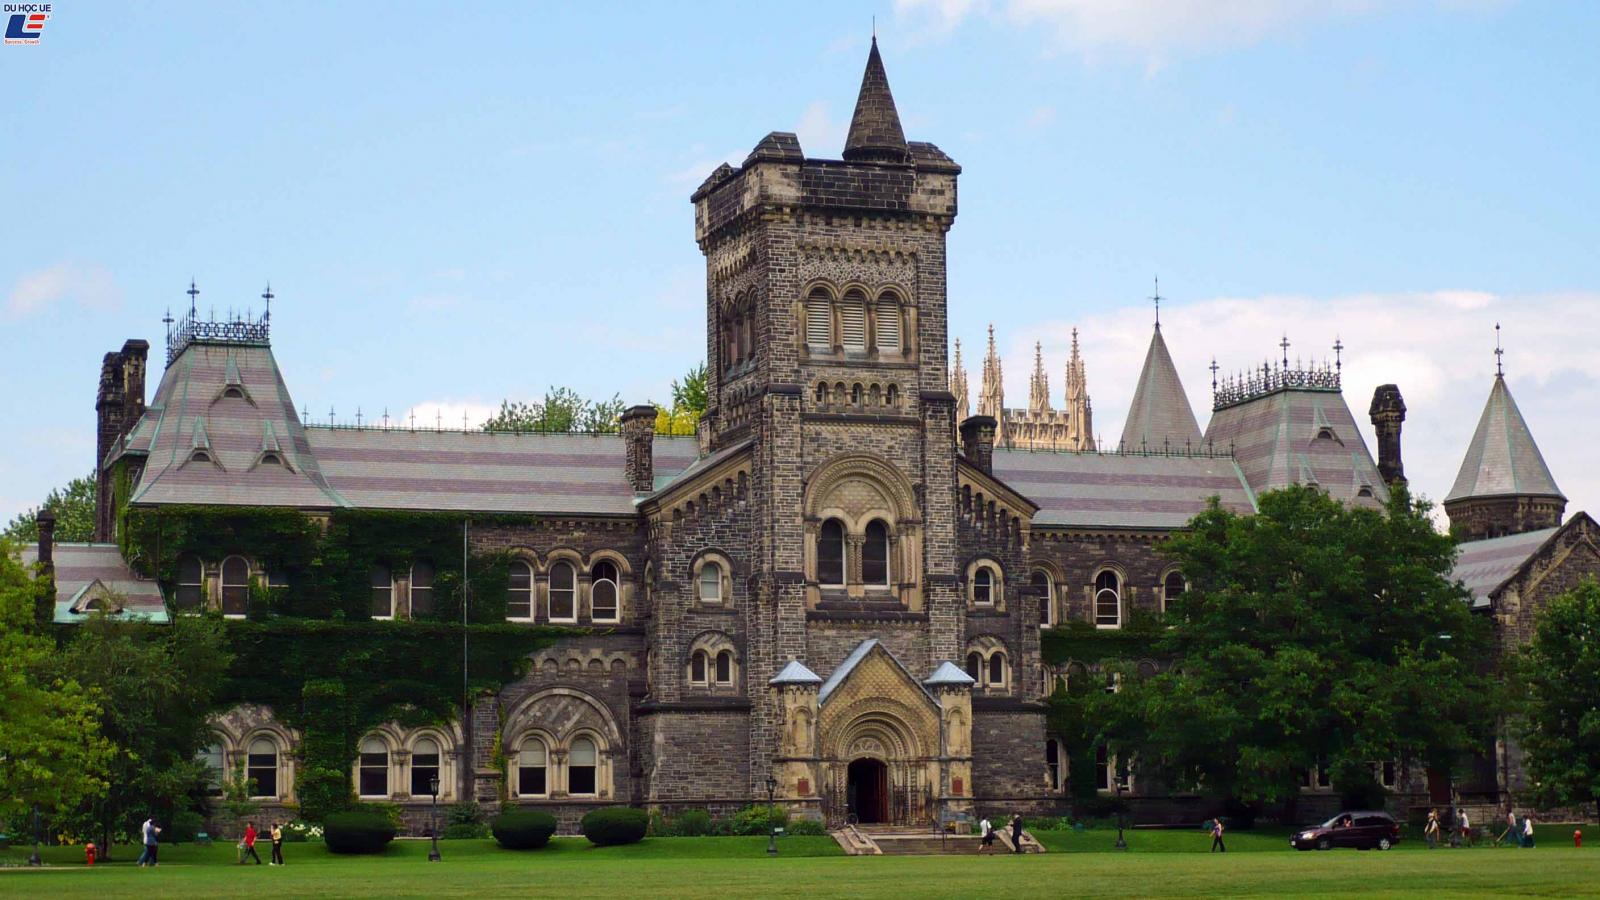 Học bổng toàn phần tại Đại học Toronto 2019